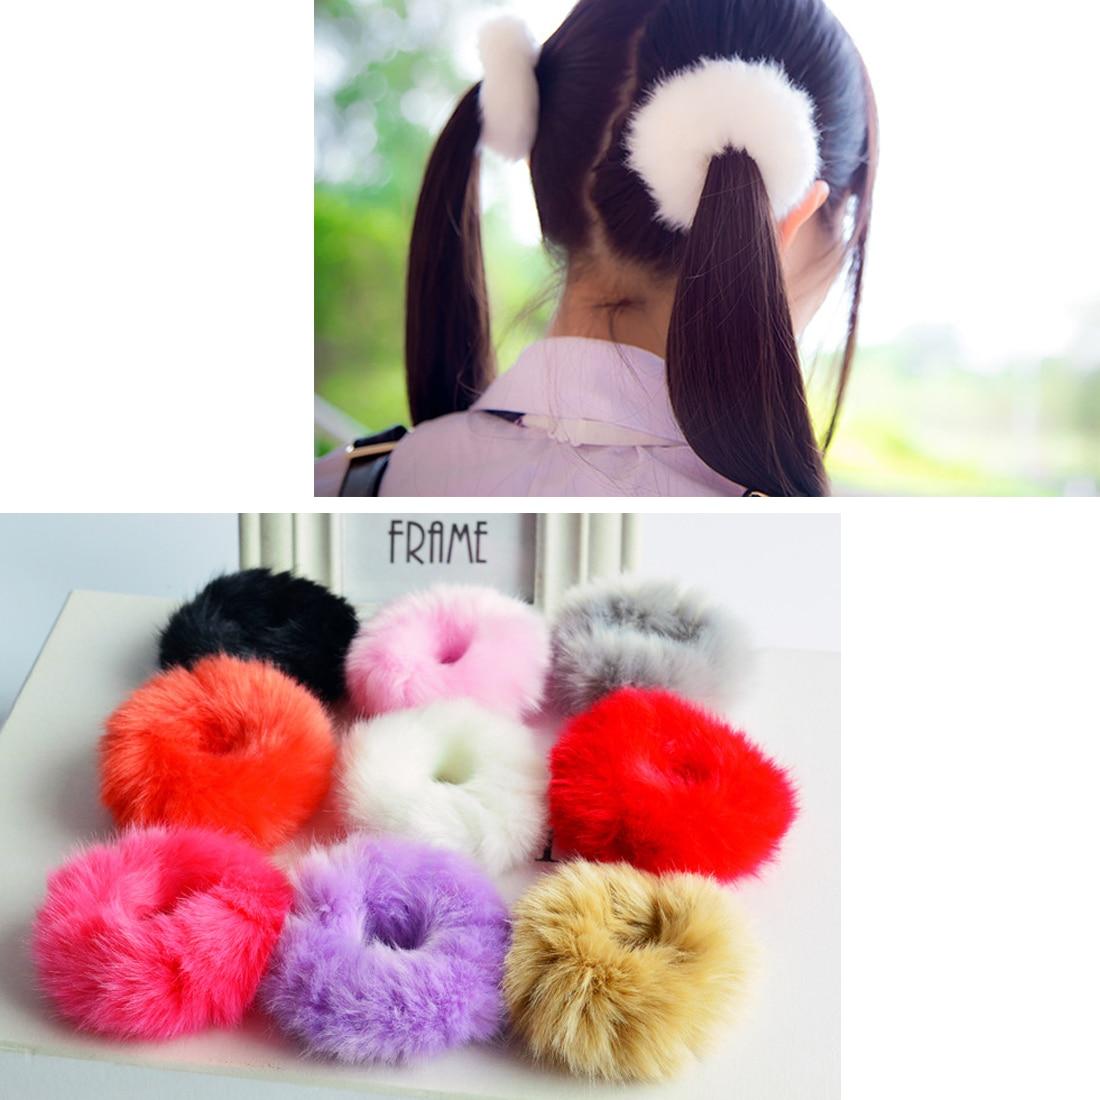 Новинка, настоящая меховая кроличья шерсть, мягкие эластичные резинки для волос для женщин и девочек, милые резинки для волос, резинка для хвоста, модные аксессуары для волос